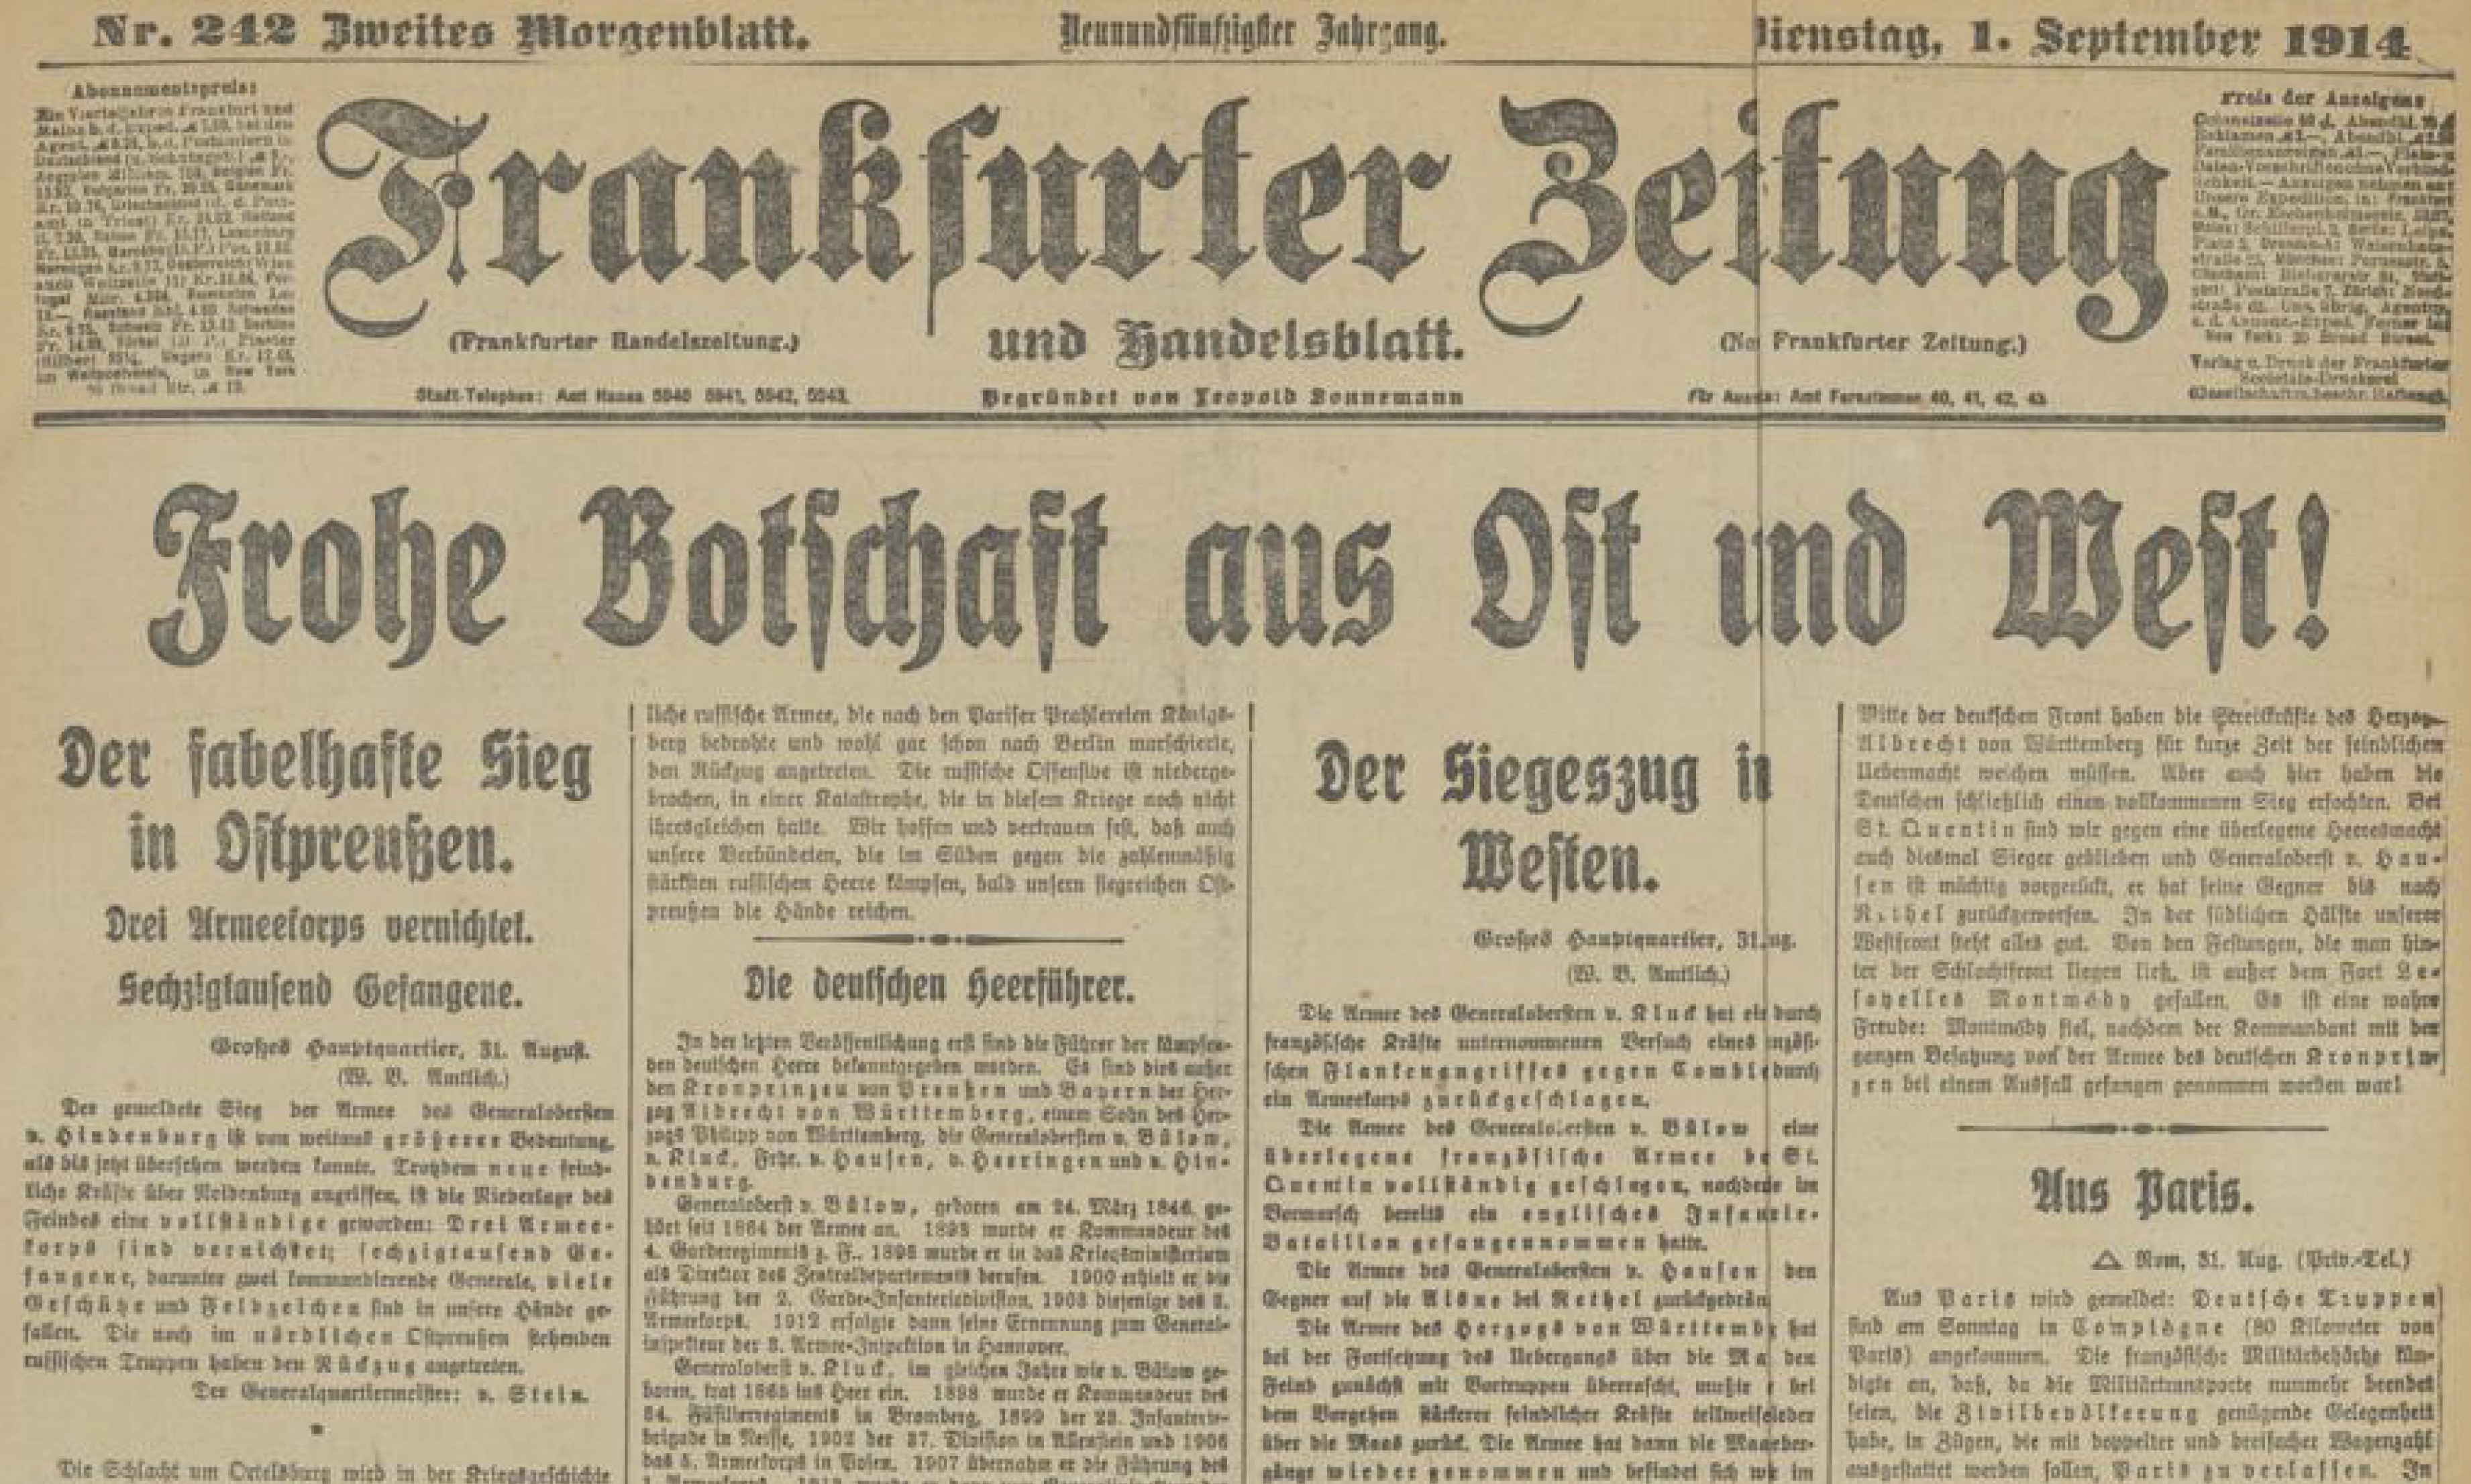 01.09.1914 2. Morgenblatt